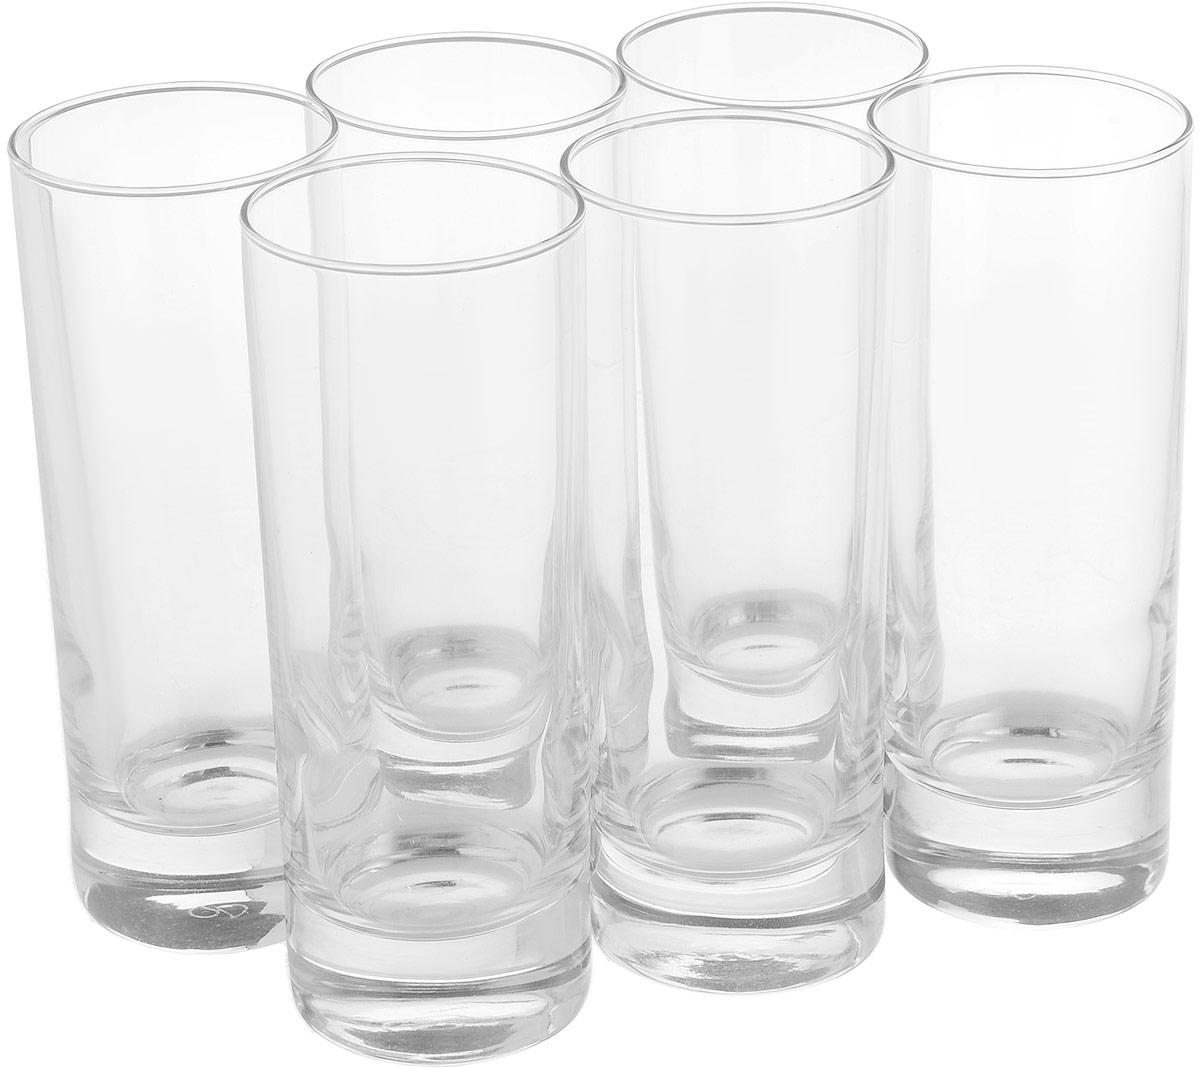 Набор стаканов Pasabahce Сиде, 215 мл, 6 шт набор стаканов pasabahce касабланка 280 мл 6 шт